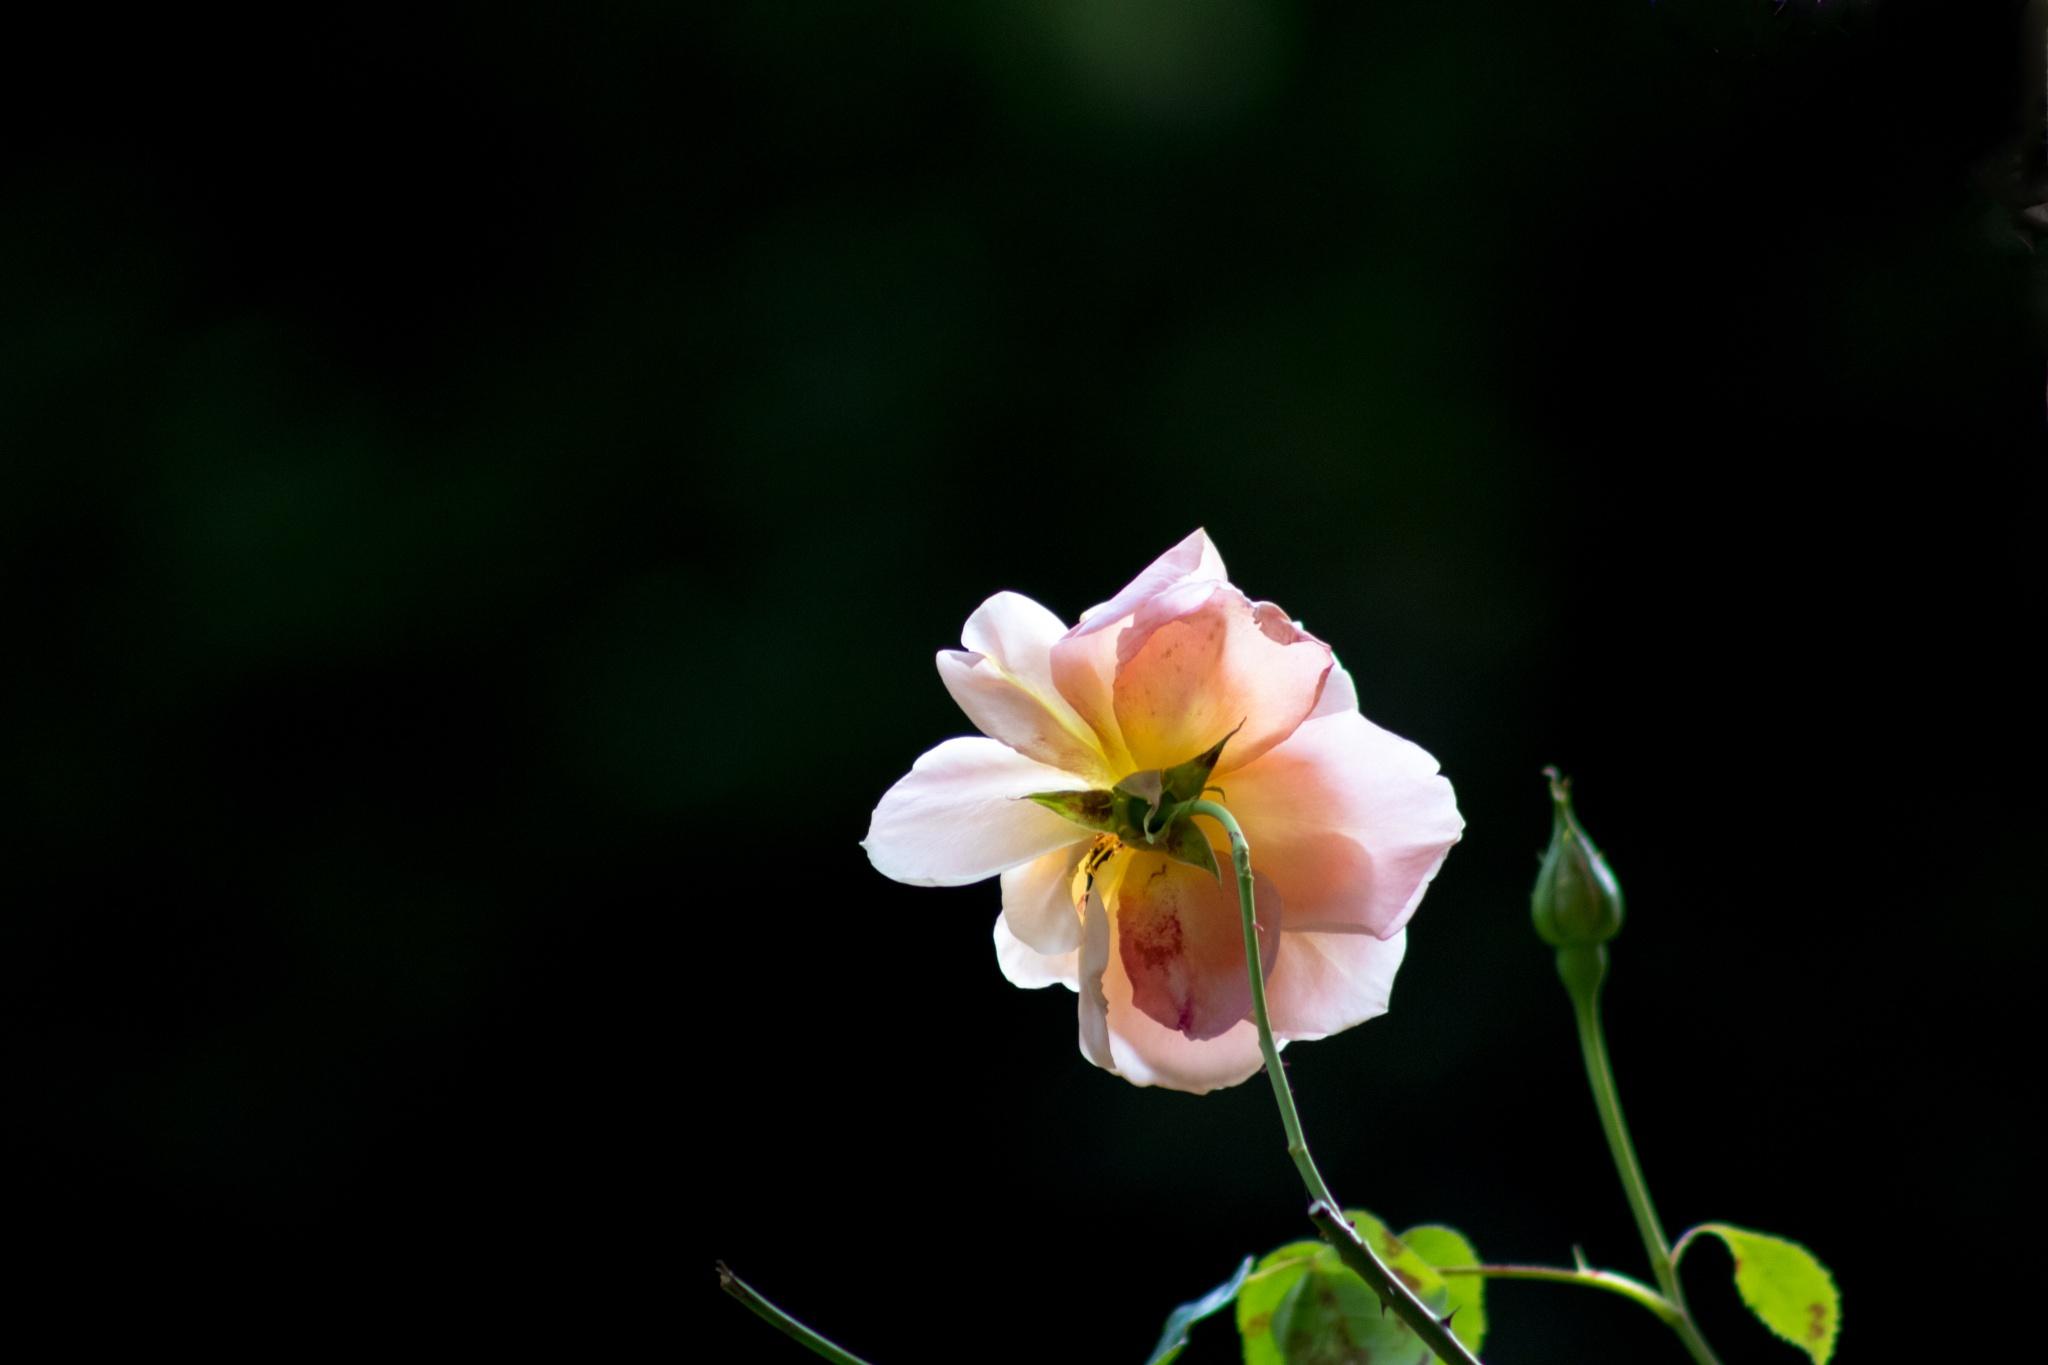 Sunlit Rose. by Steve Gill